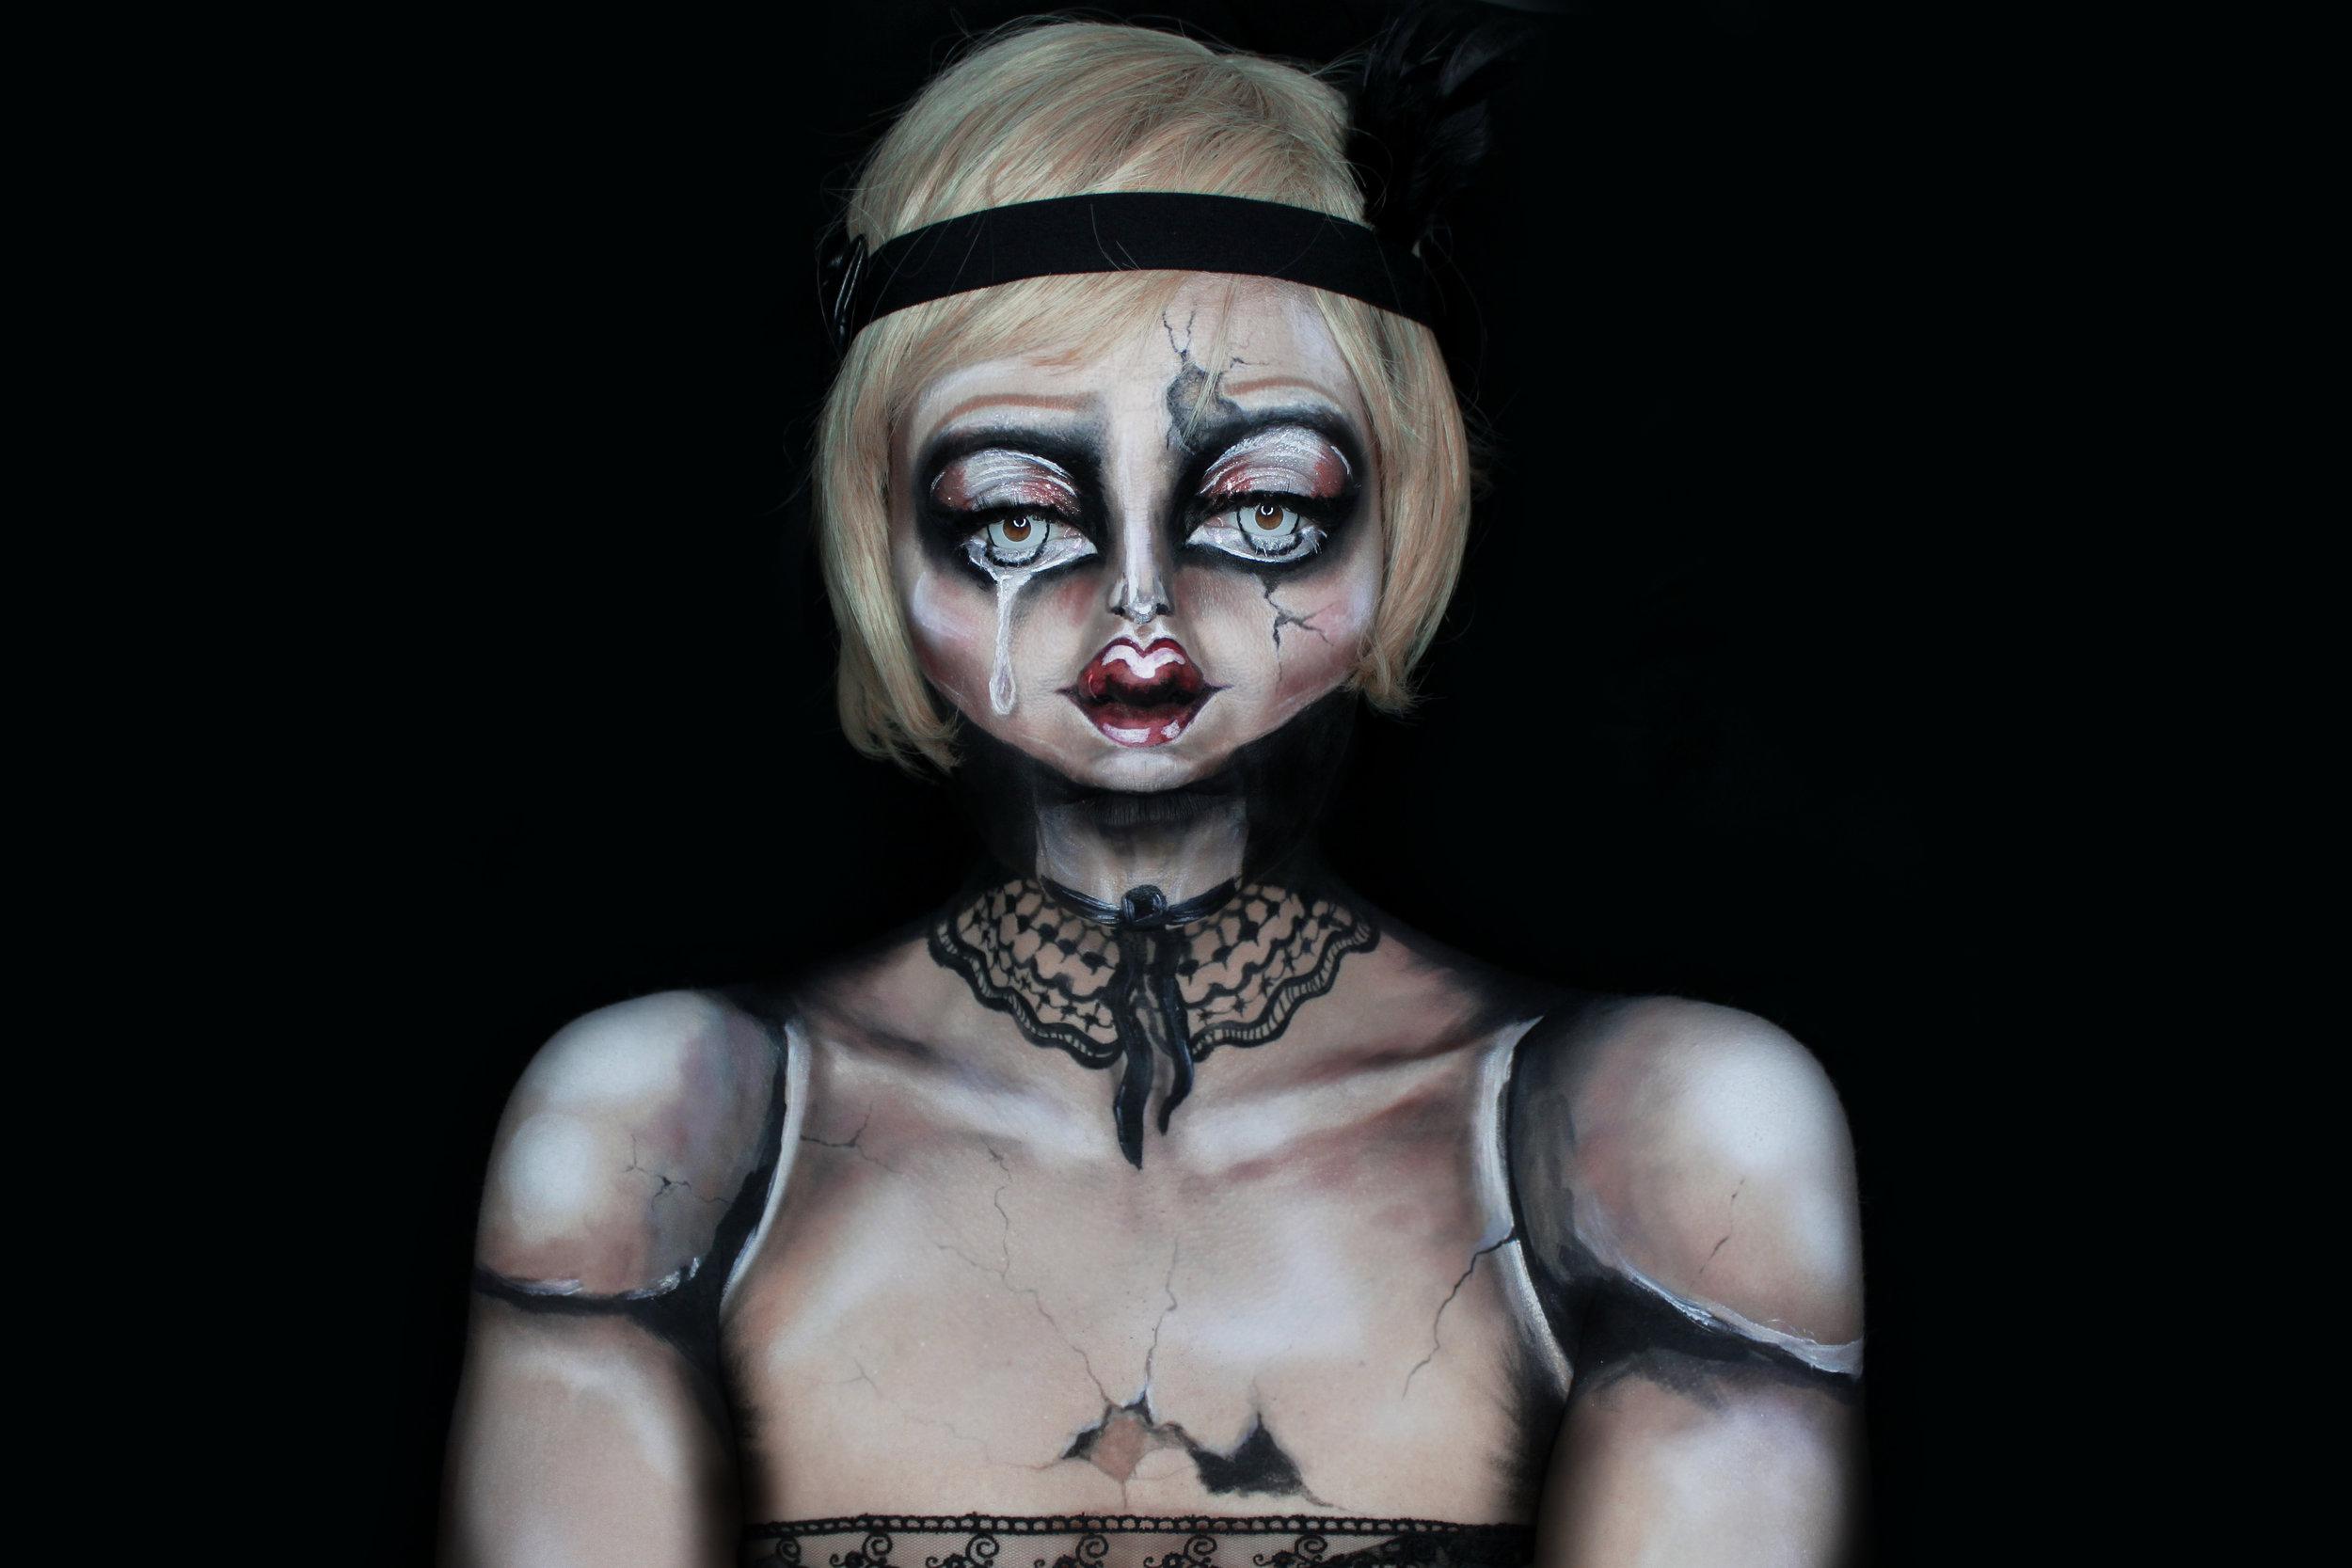 Illusion face paint makeup by FX makeup artist Metamorphosia FX